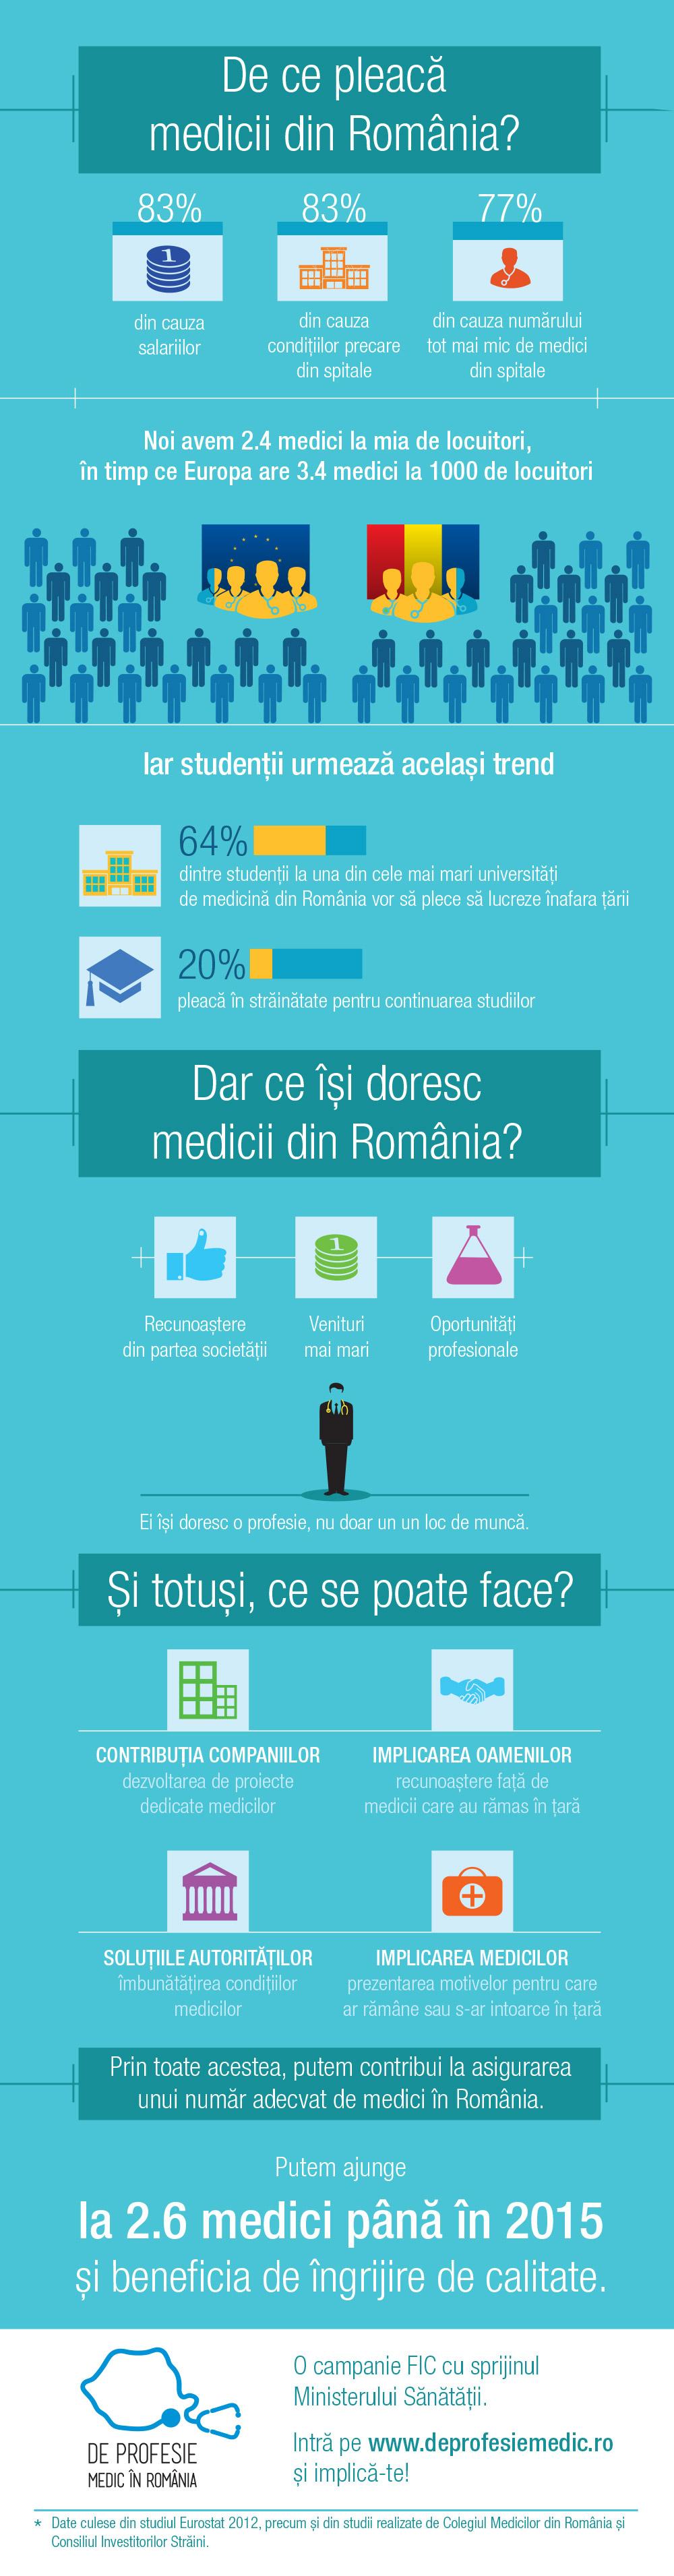 de-ce-pleaca-medicii-din-romania